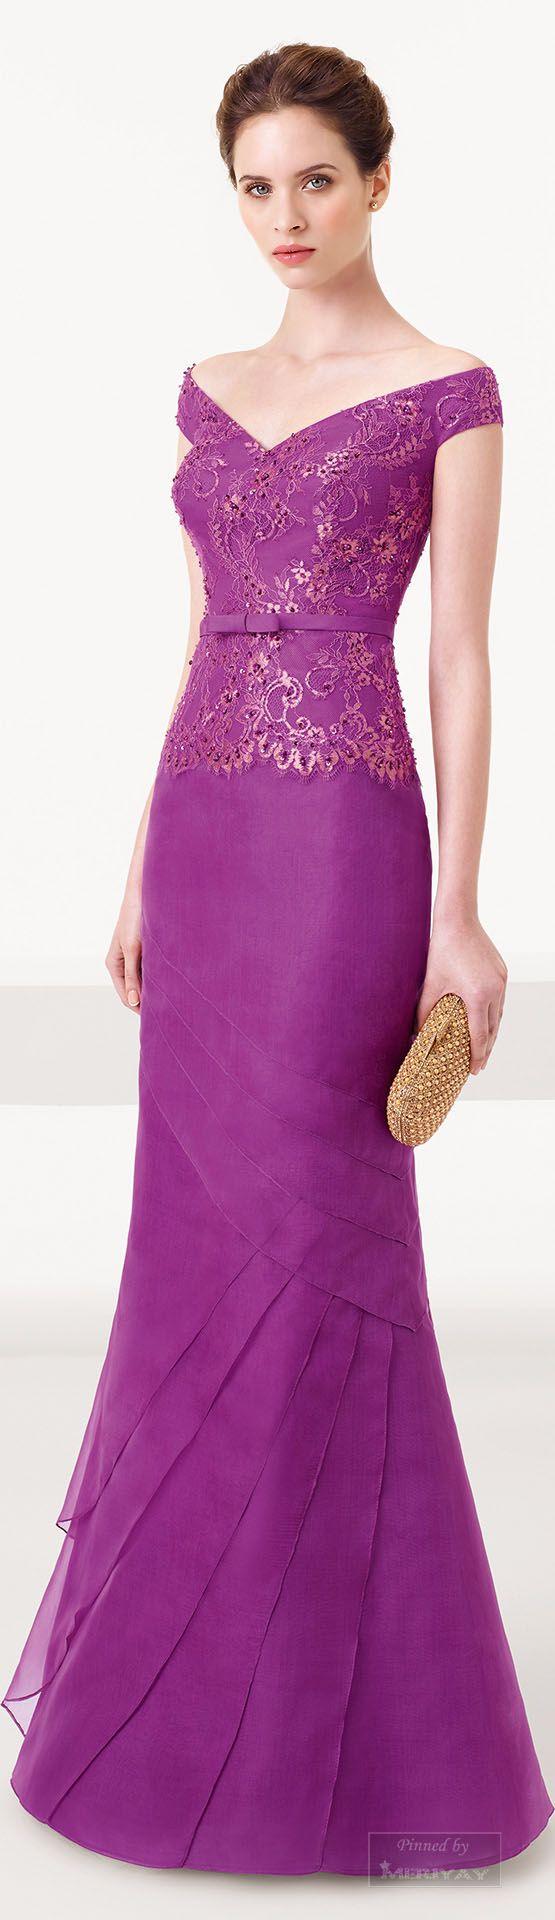 Precios de vestidos de fiesta aire barcelona 2015 – Vestidos de ...